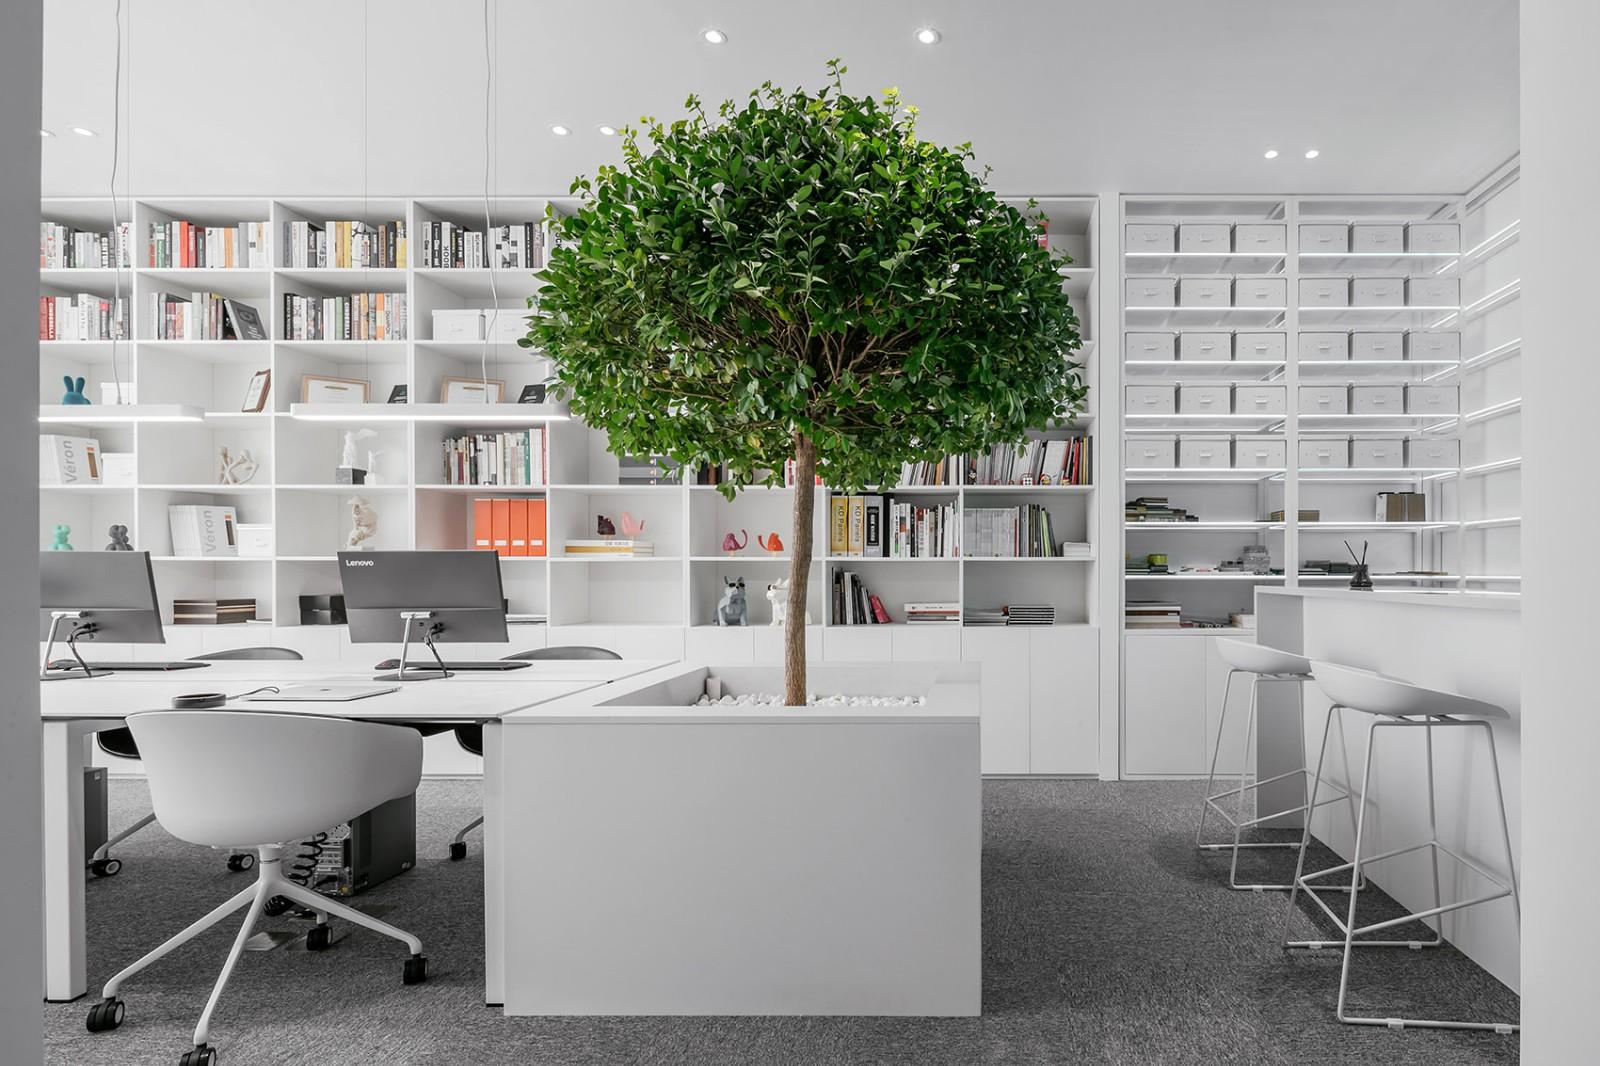 办公室设计,让极简不失调性|张勇、马鑫 - 8